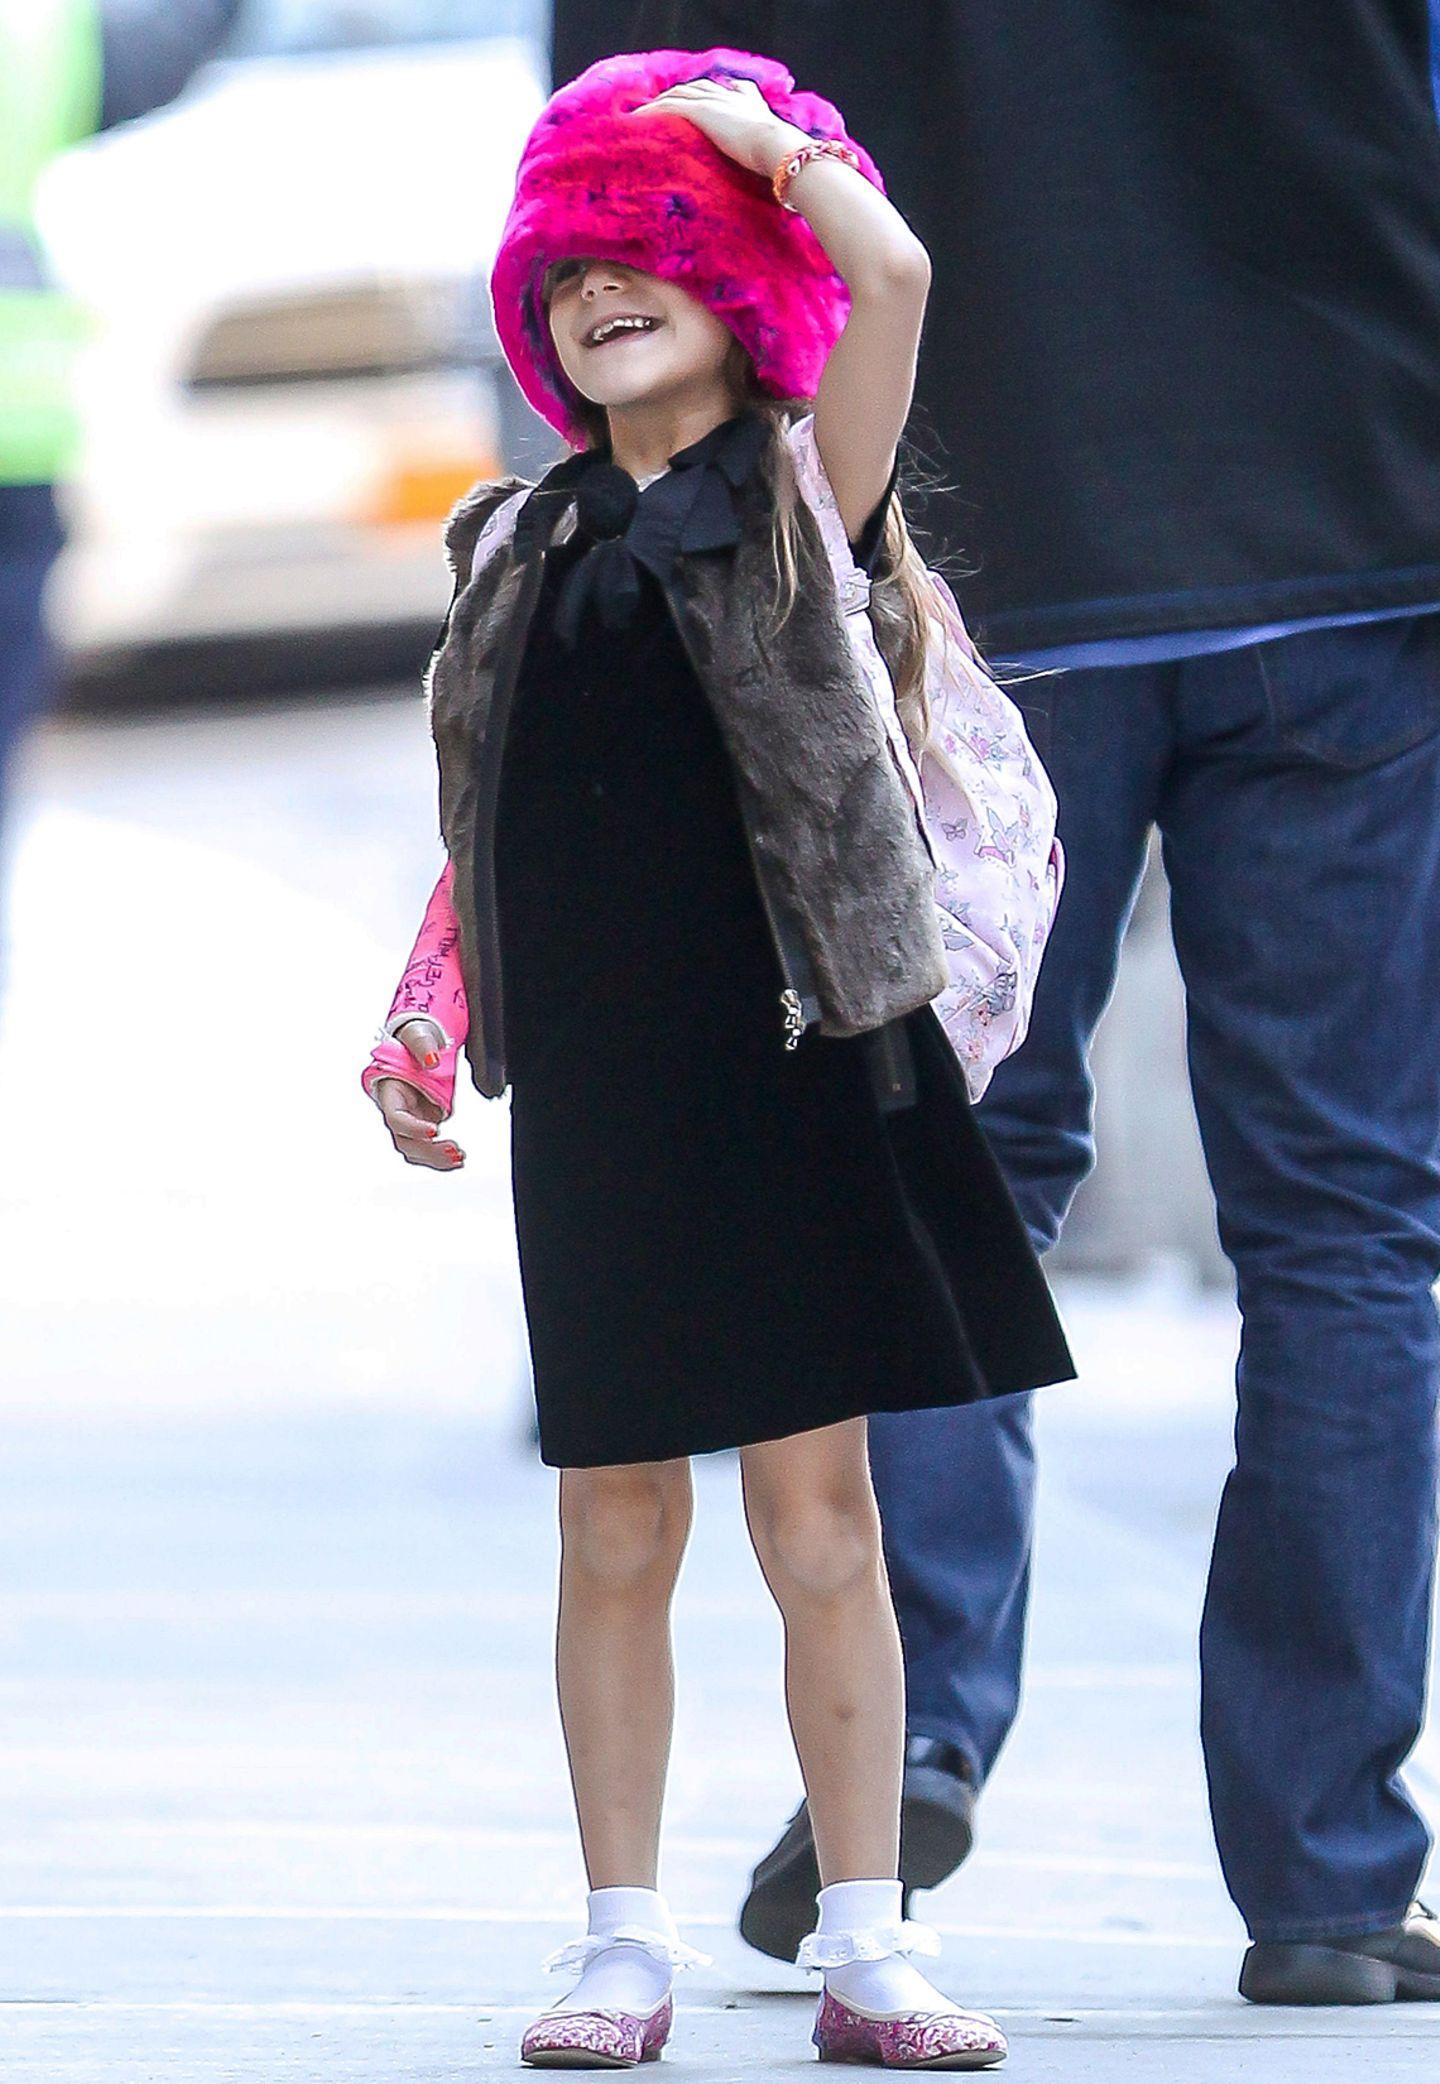 Mit pinker Fellmütze auf dem Kopf und einer Fellweste zum schwarzen Kleid wagt Suri mal ein ganz neues Modeexperiment.